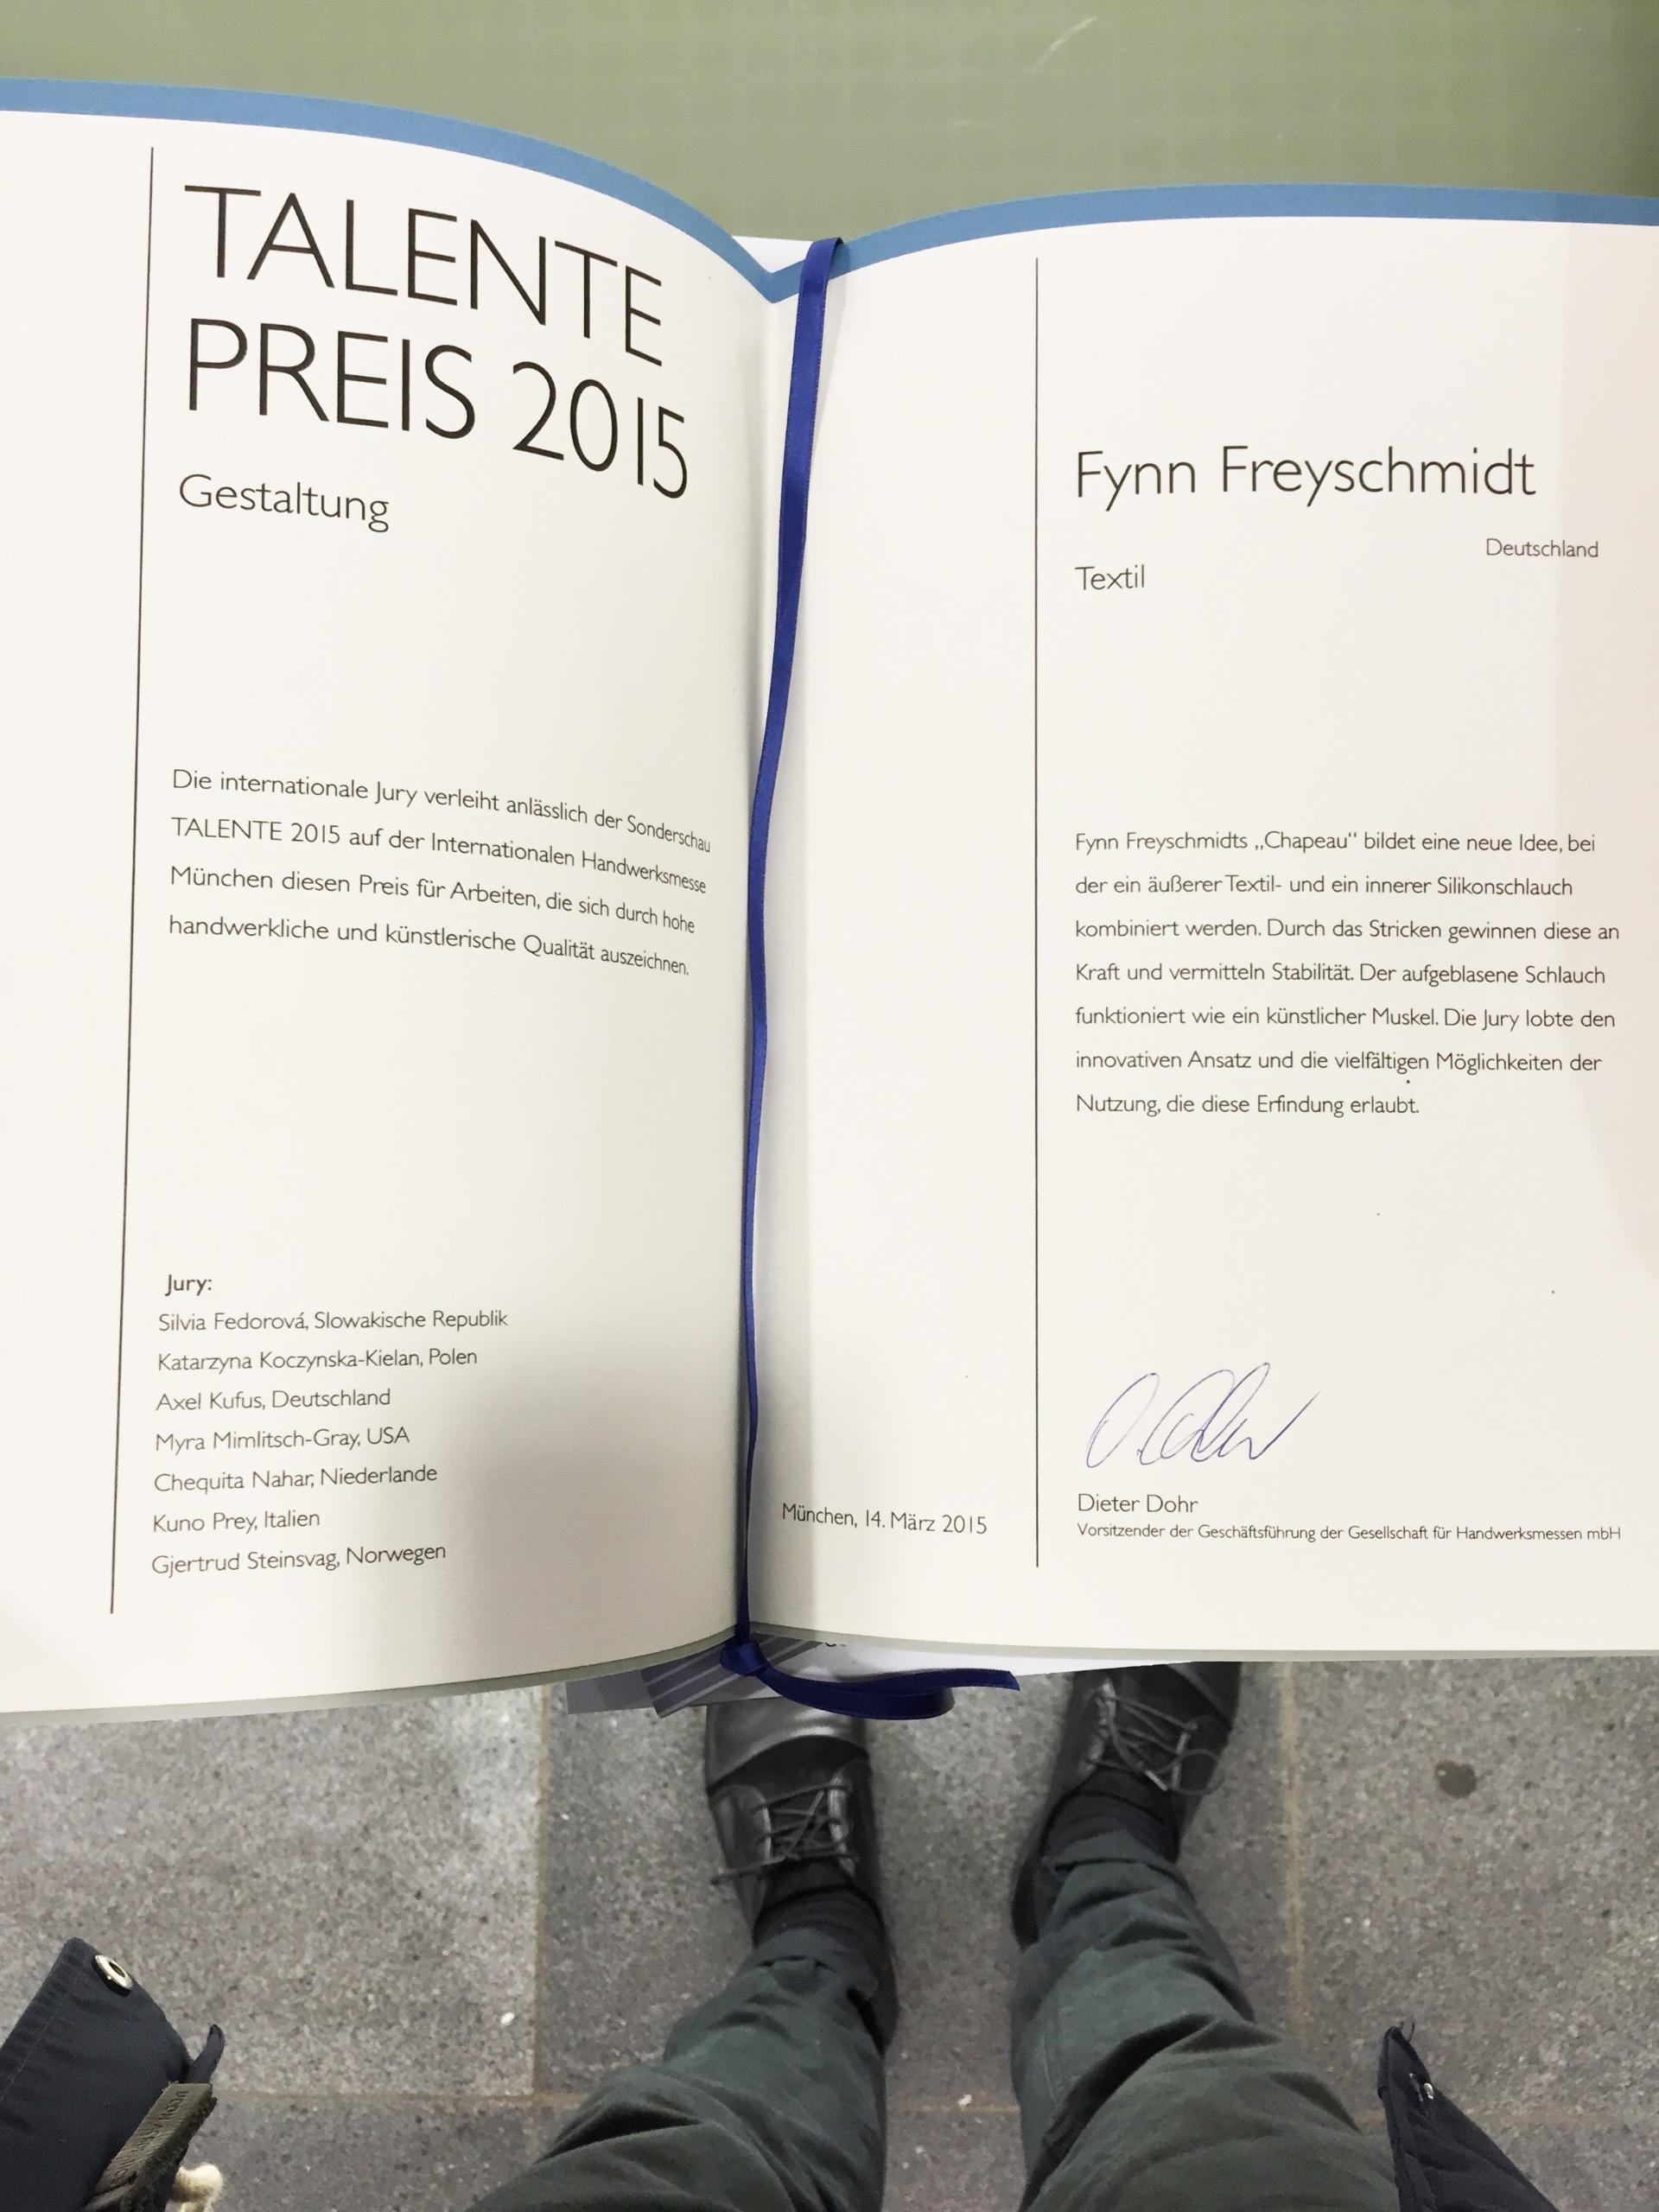 fynn freyschmidt product design - news